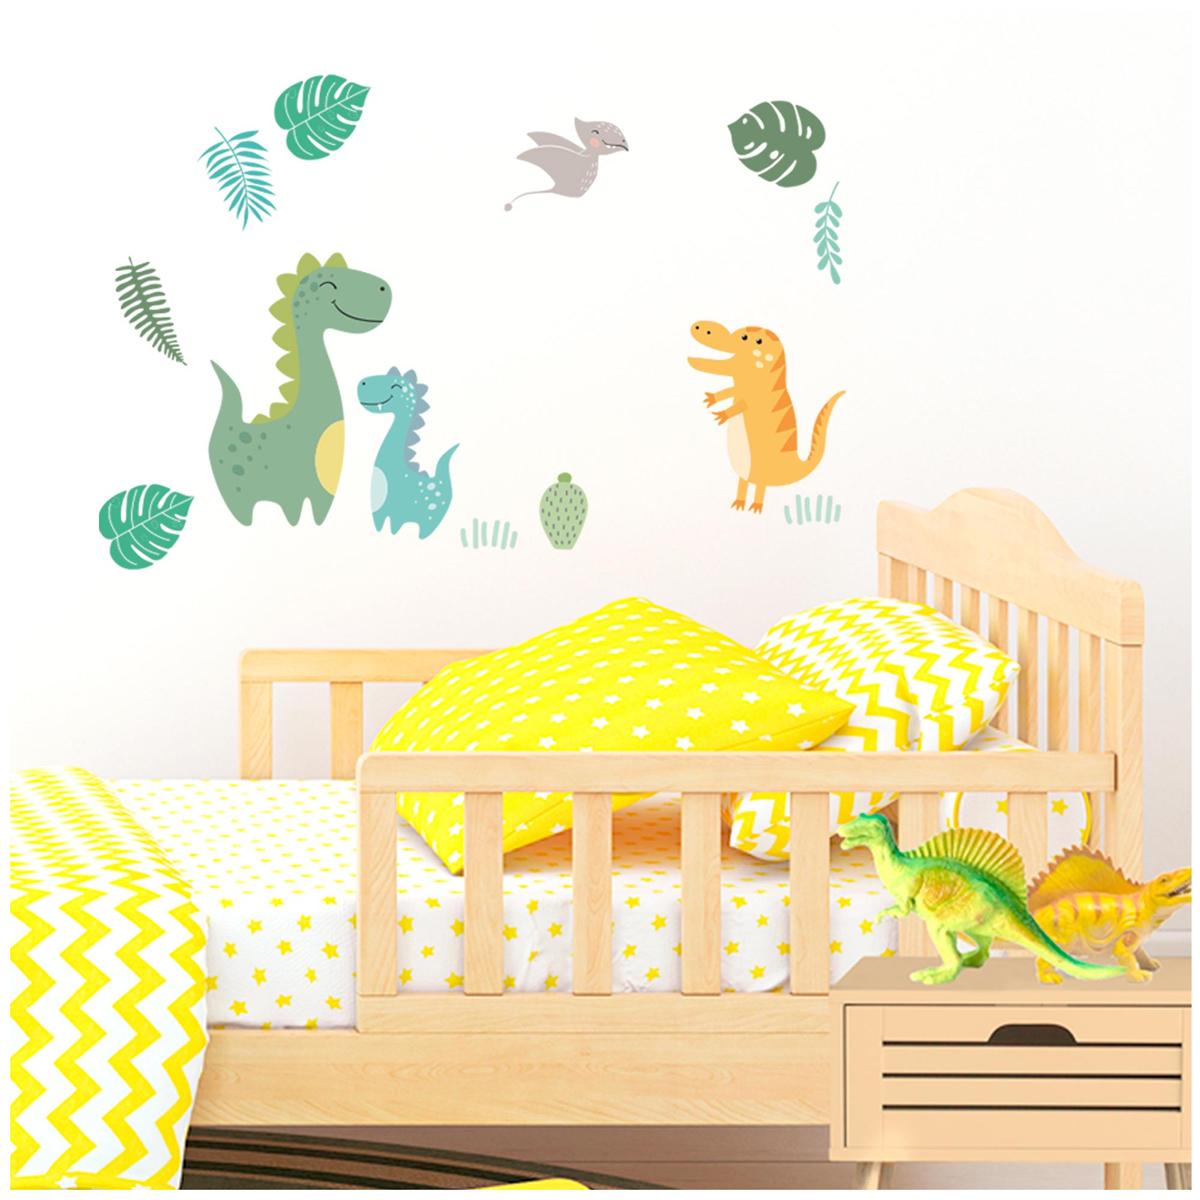 3 planche de stickers \'Dinosaures\' vert - 30x13 cm - [R3415]